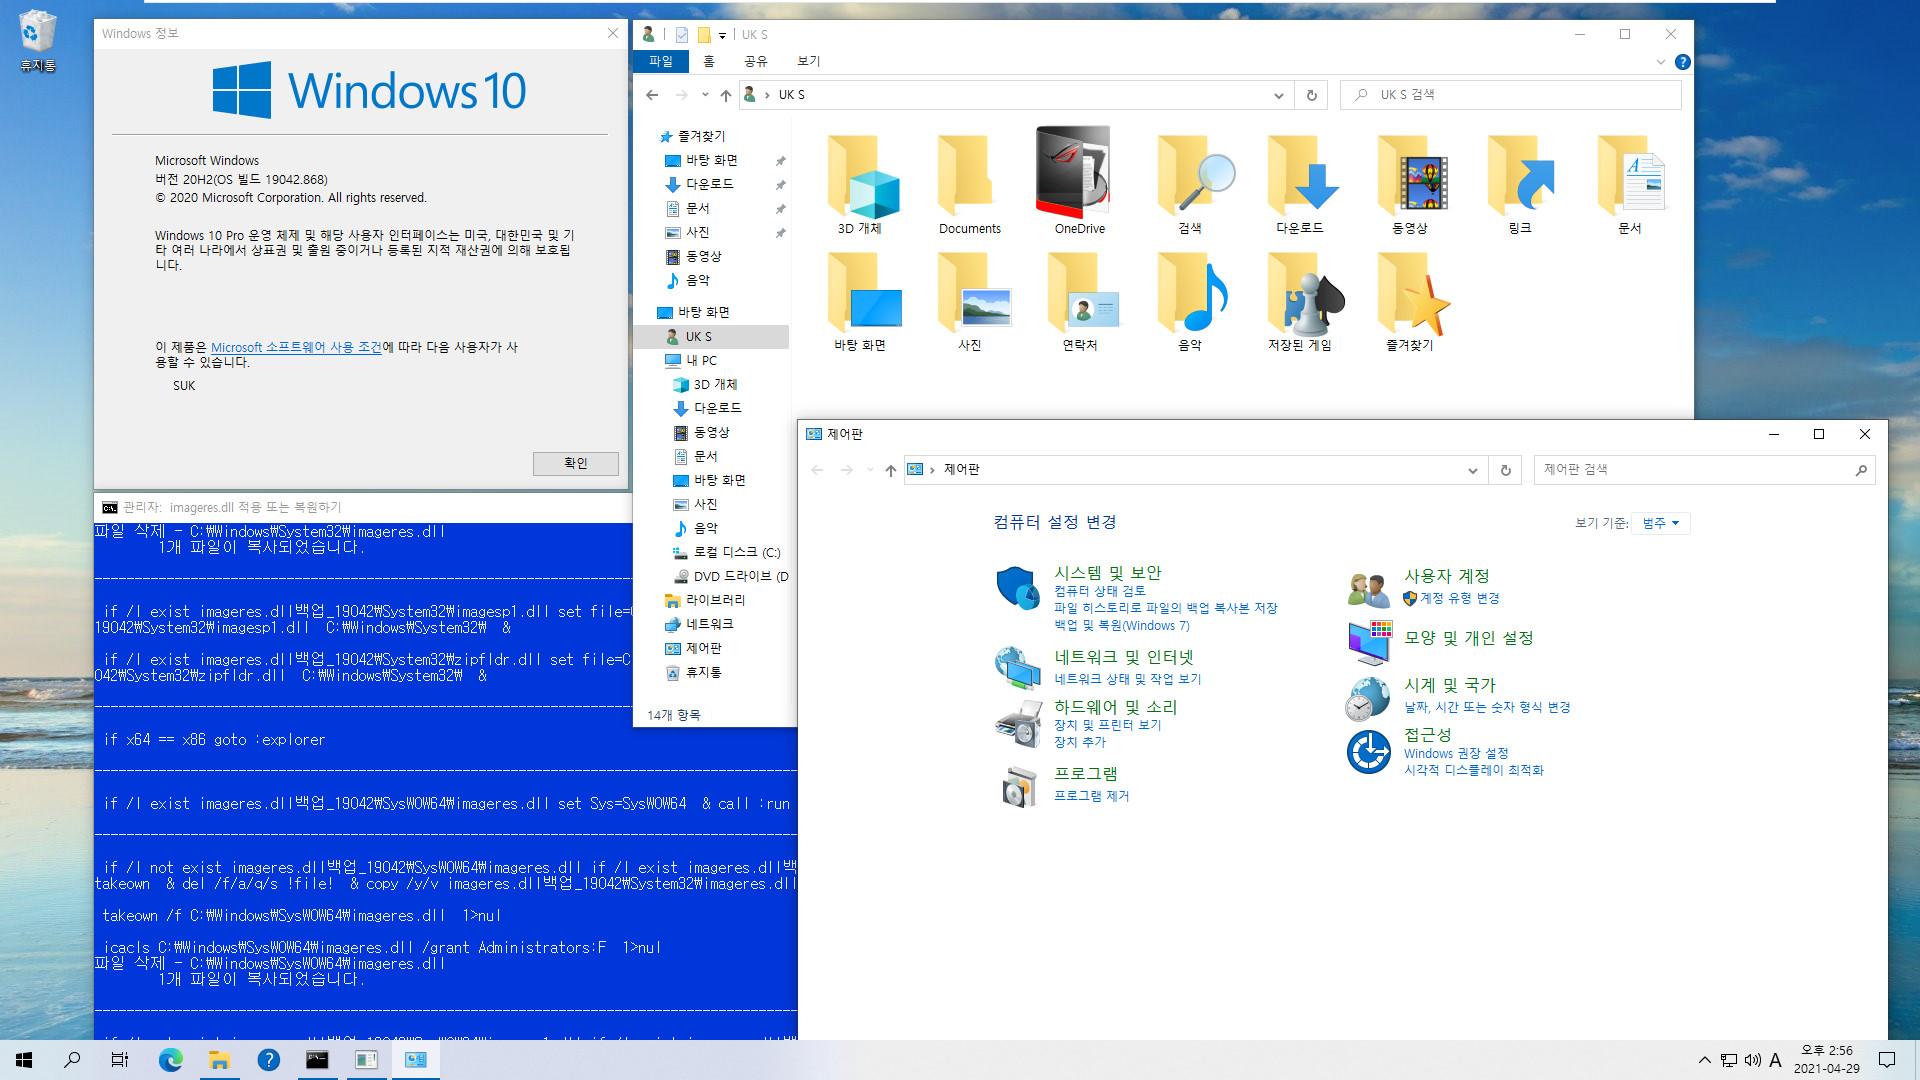 imageres.dll적용 테스트 - Windows 10 ROG EDITION 2020 v7 - 버전 20H2만 적용되네요 2021-04-29_145628.jpg